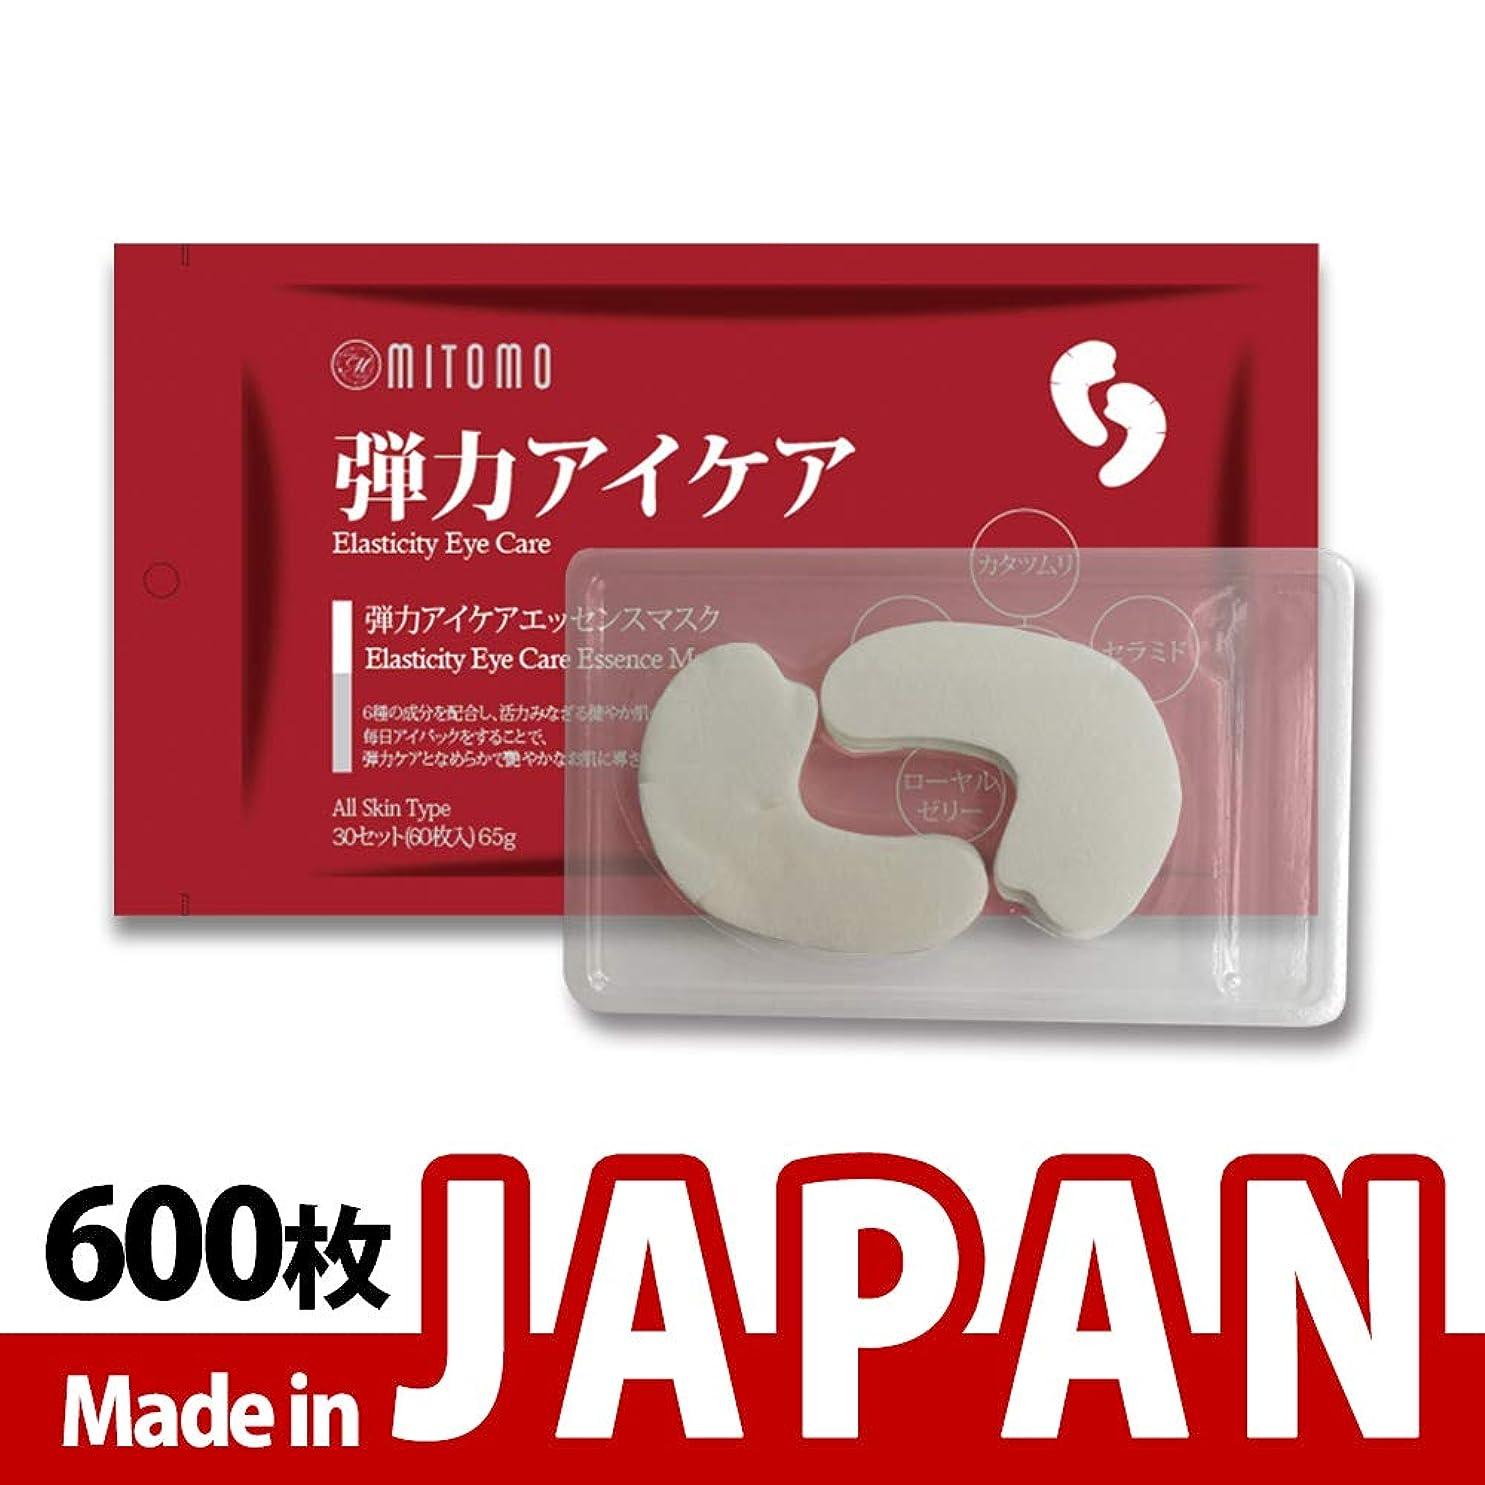 楽観的建設熱意MITOMO【MC005-B-0】日本製シートマスク/60枚入り/600枚/美容液/マスクパック/送料無料